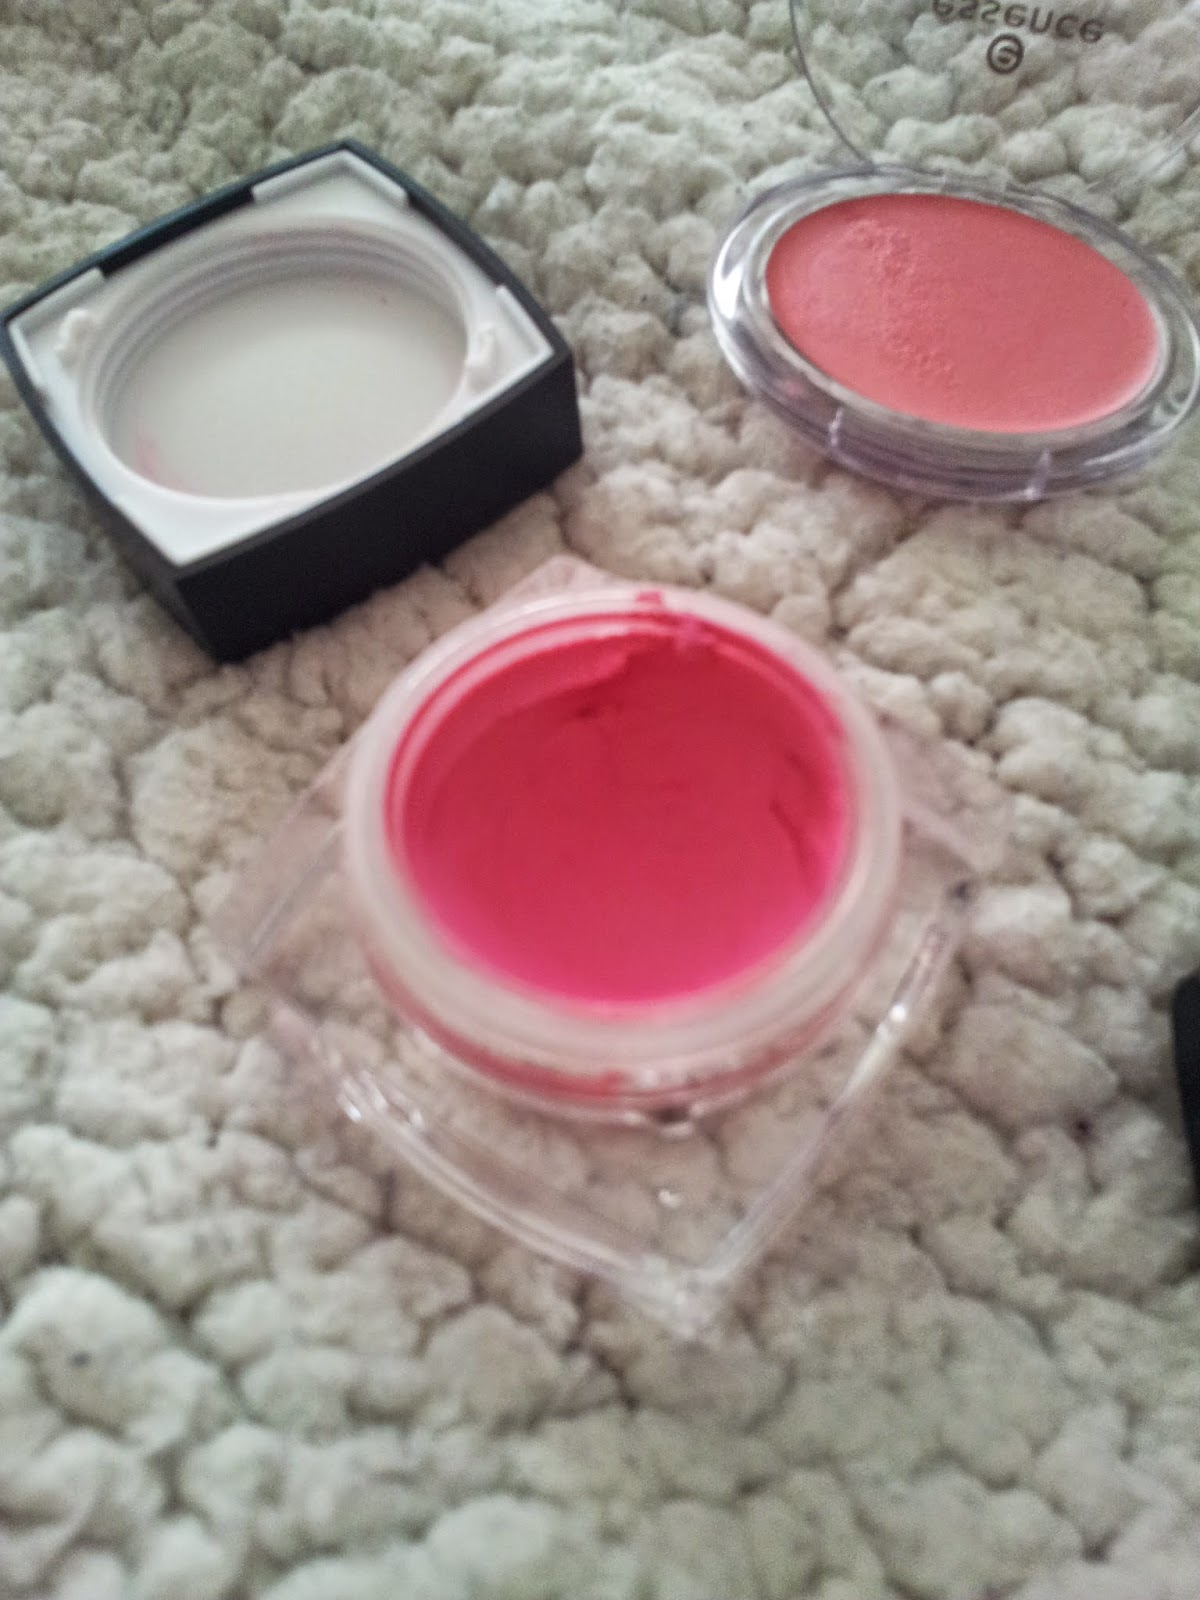 blush-maquillage-test-rose-elf